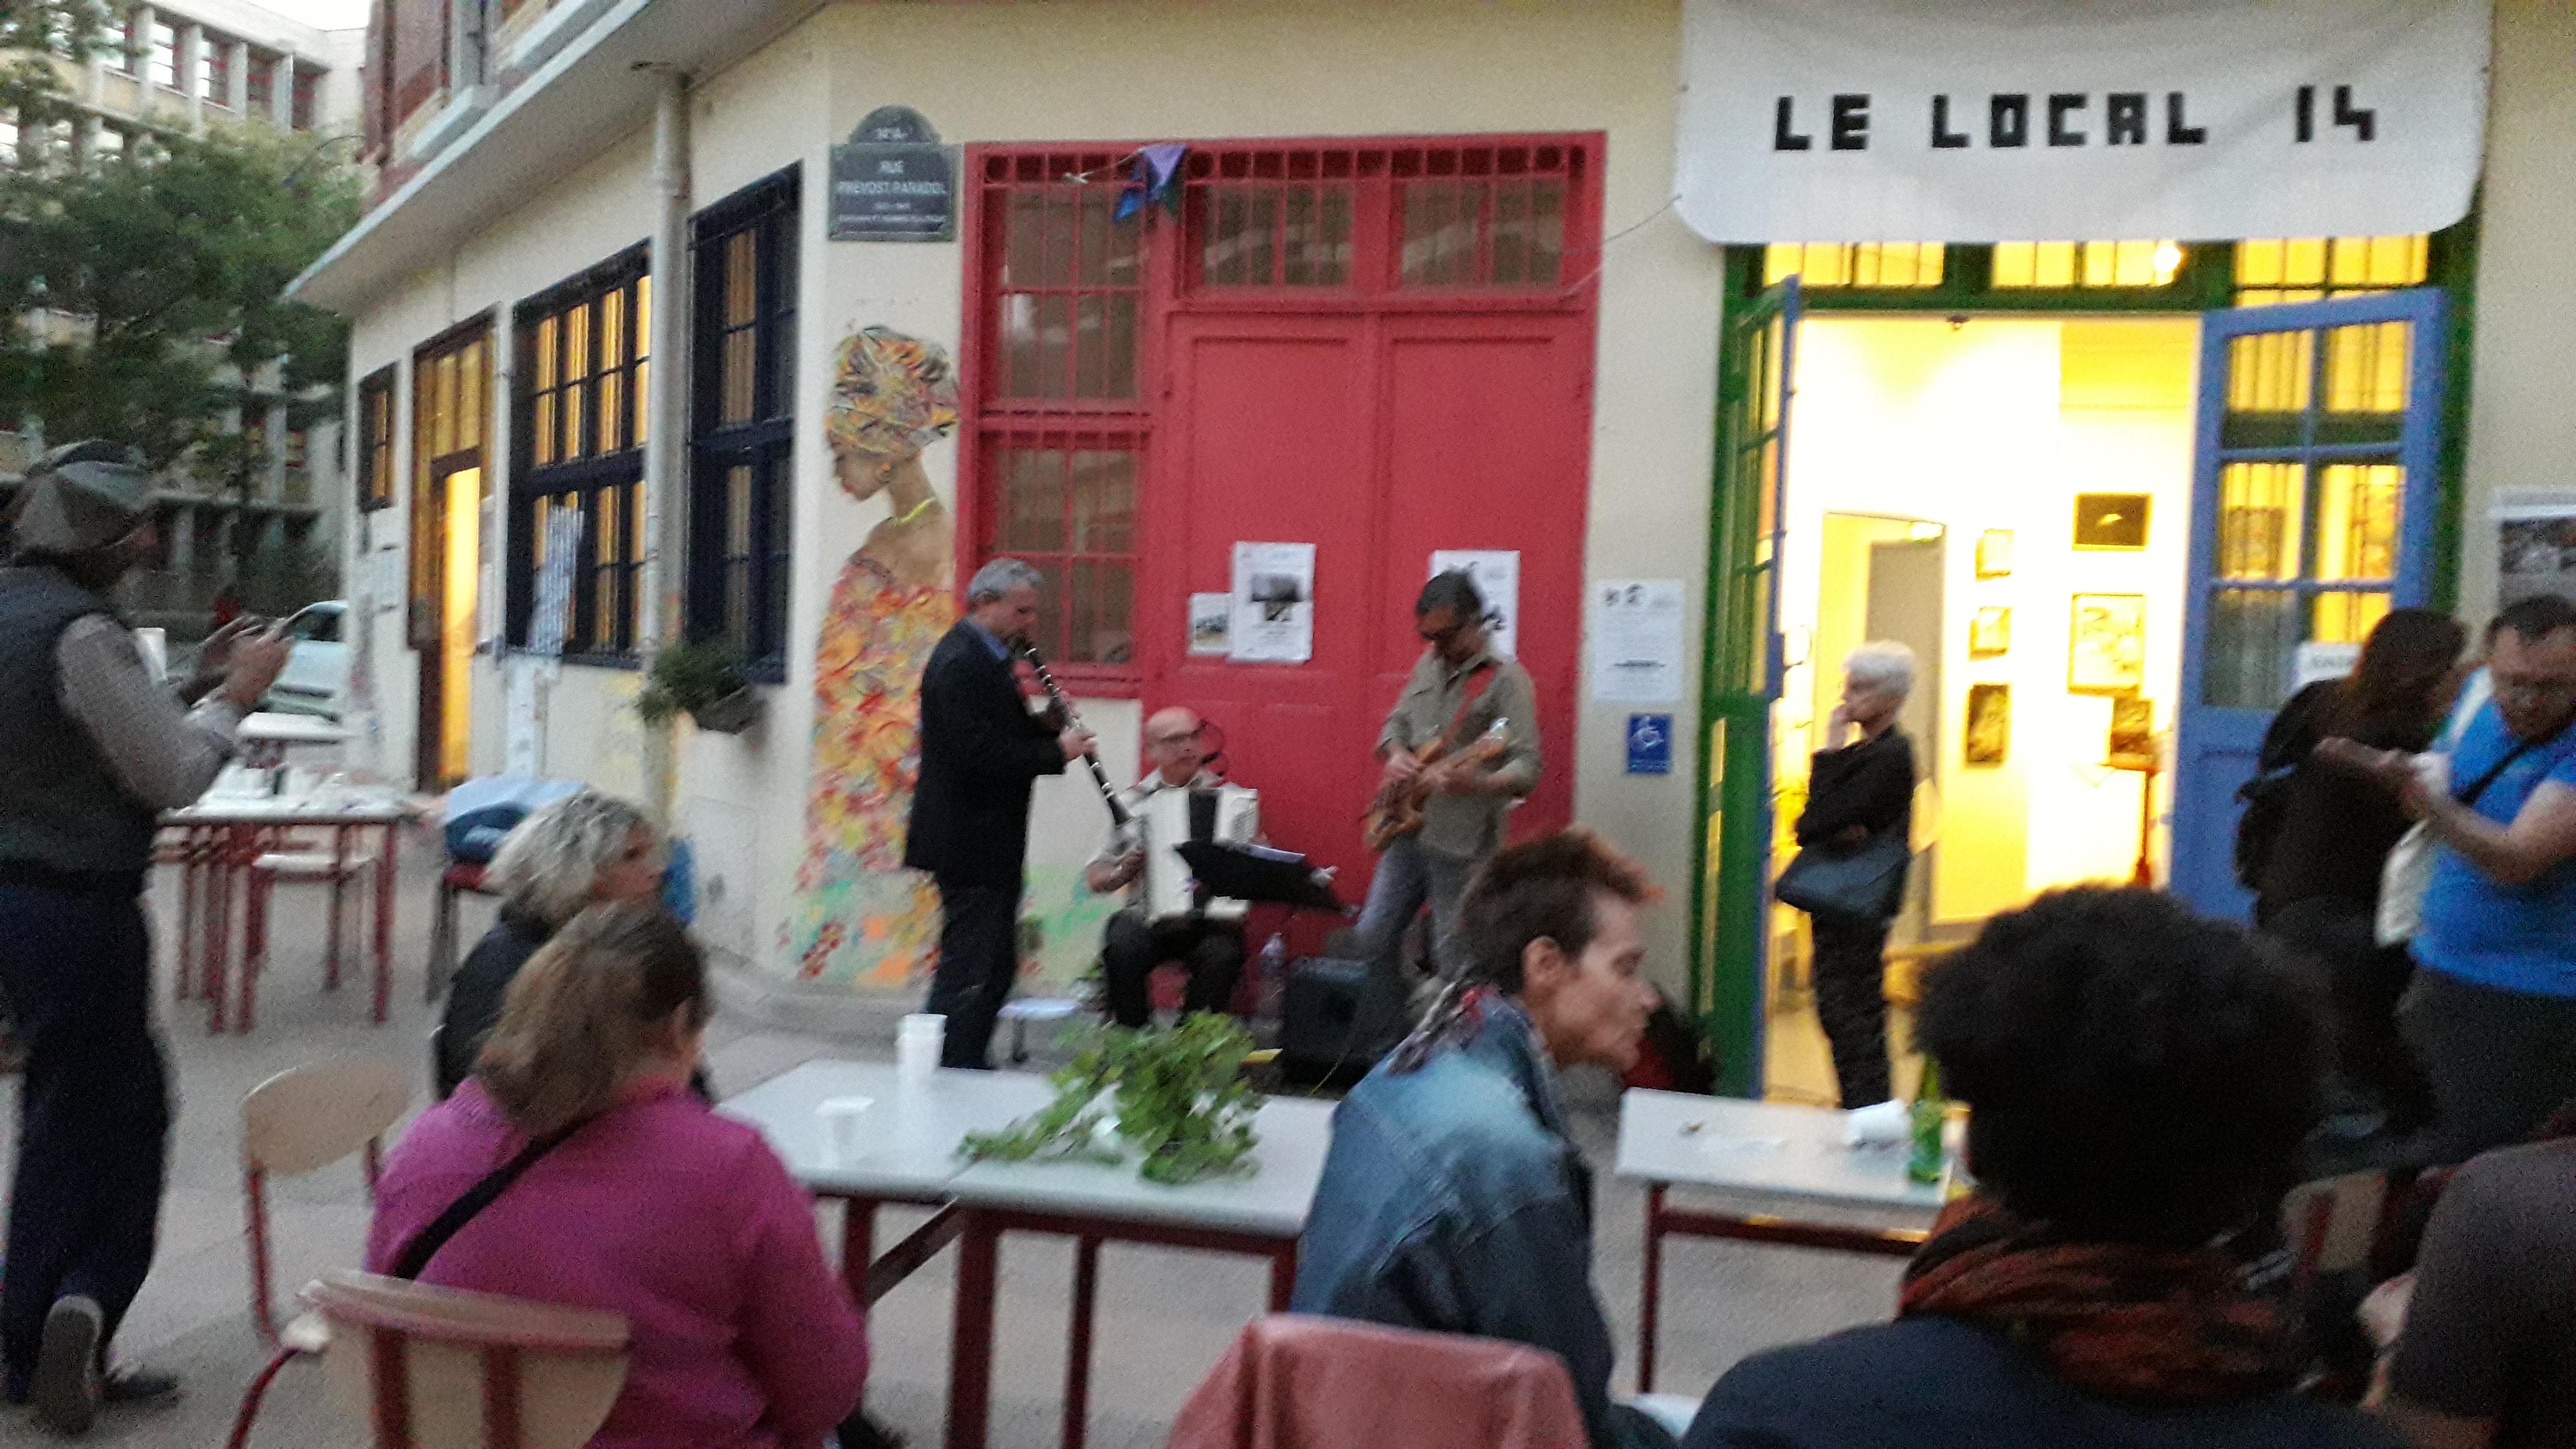 Association Flora Tristan - Régie de quartier Paris 14ème